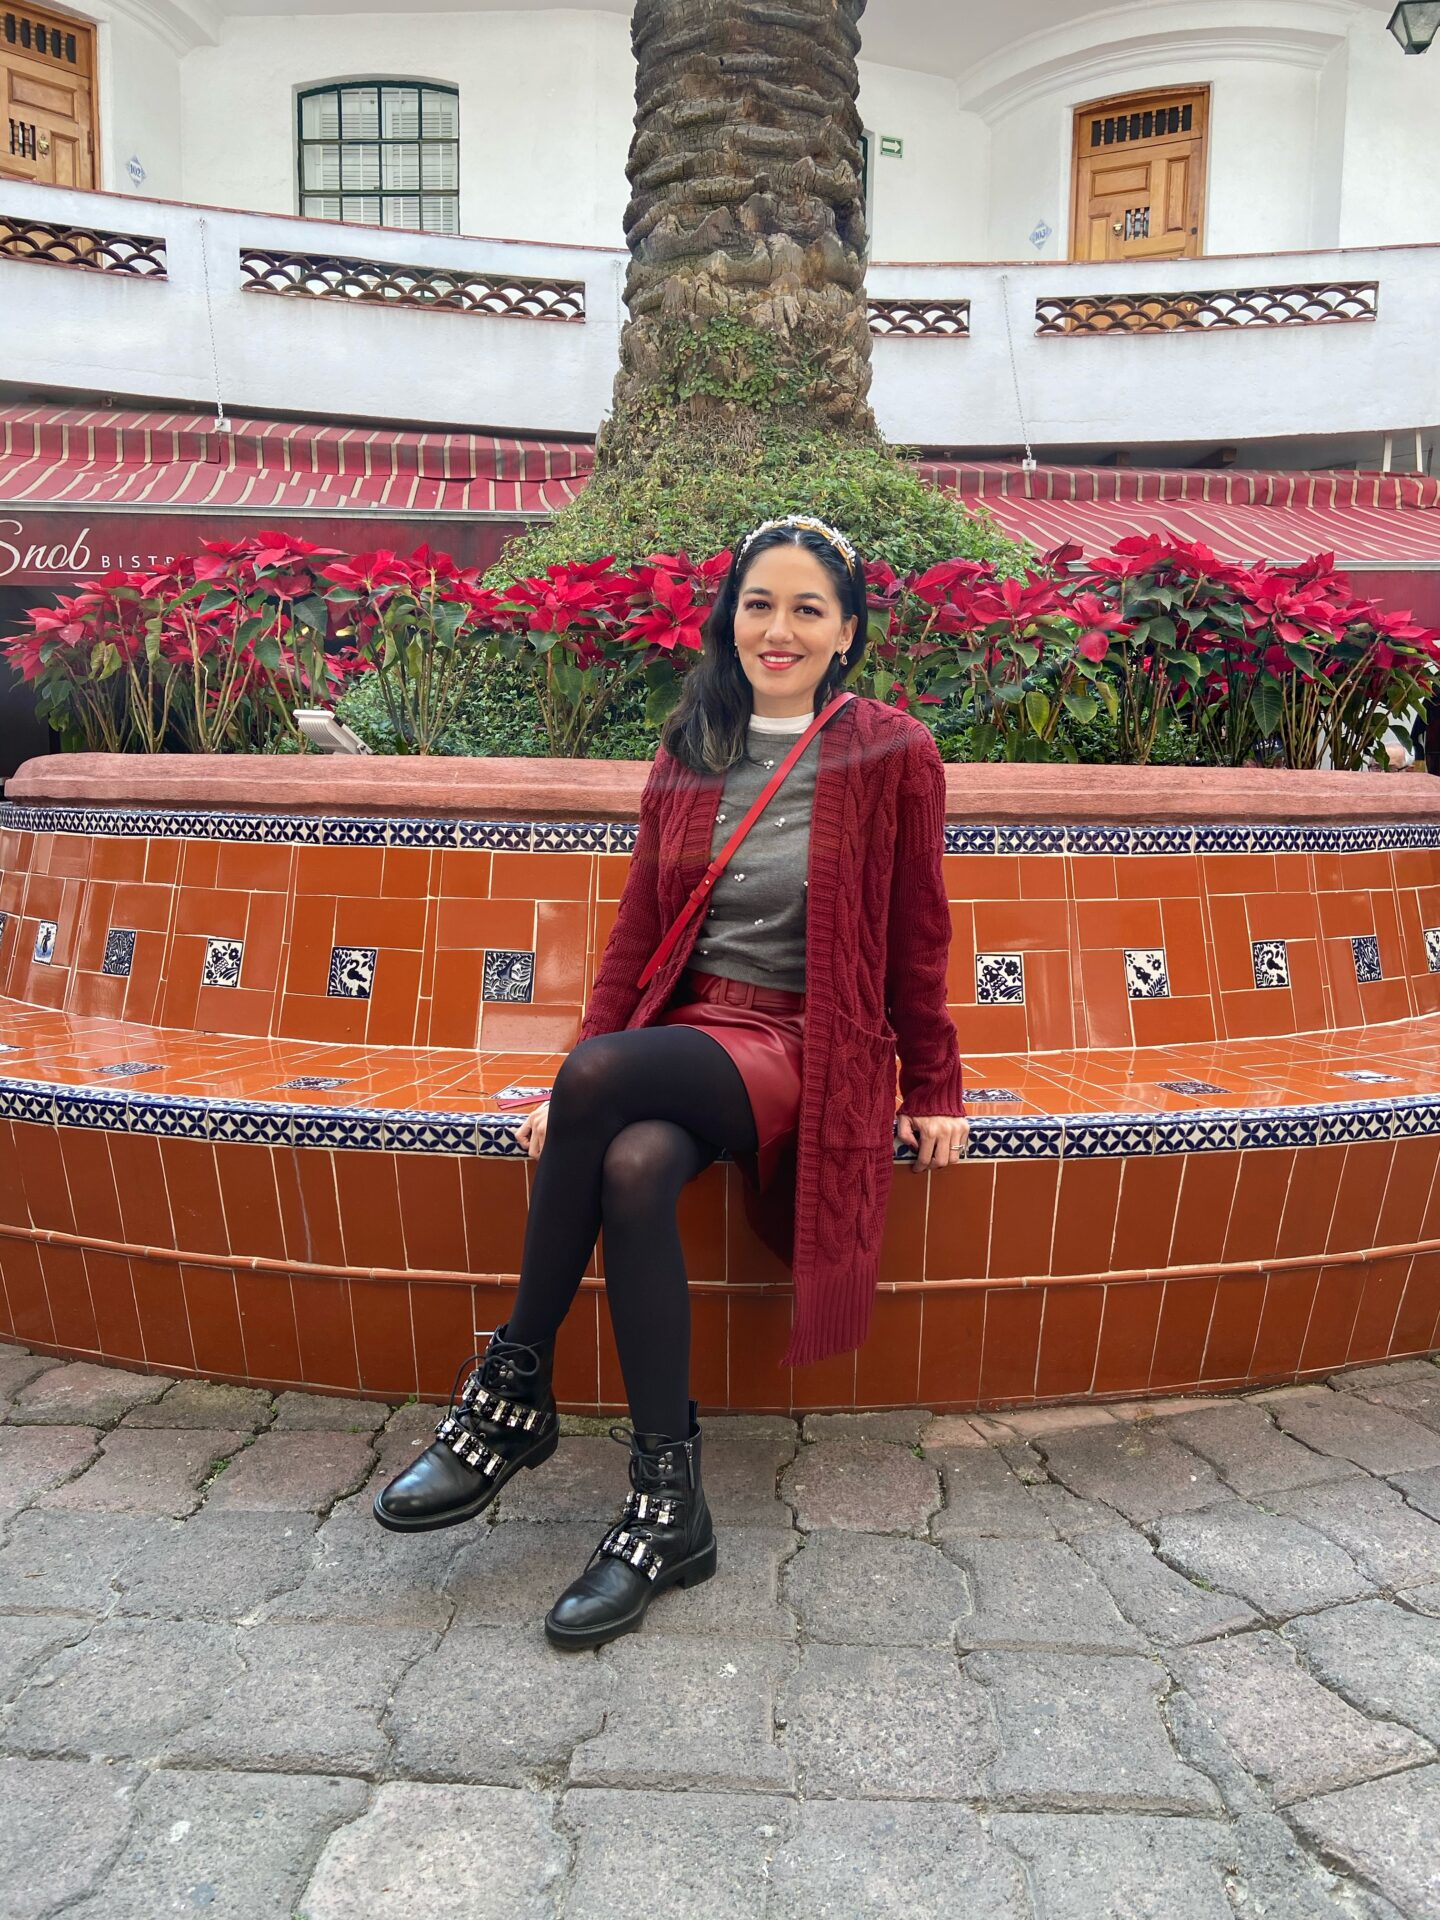 SHEIN EN MEXICO ES SEGURO